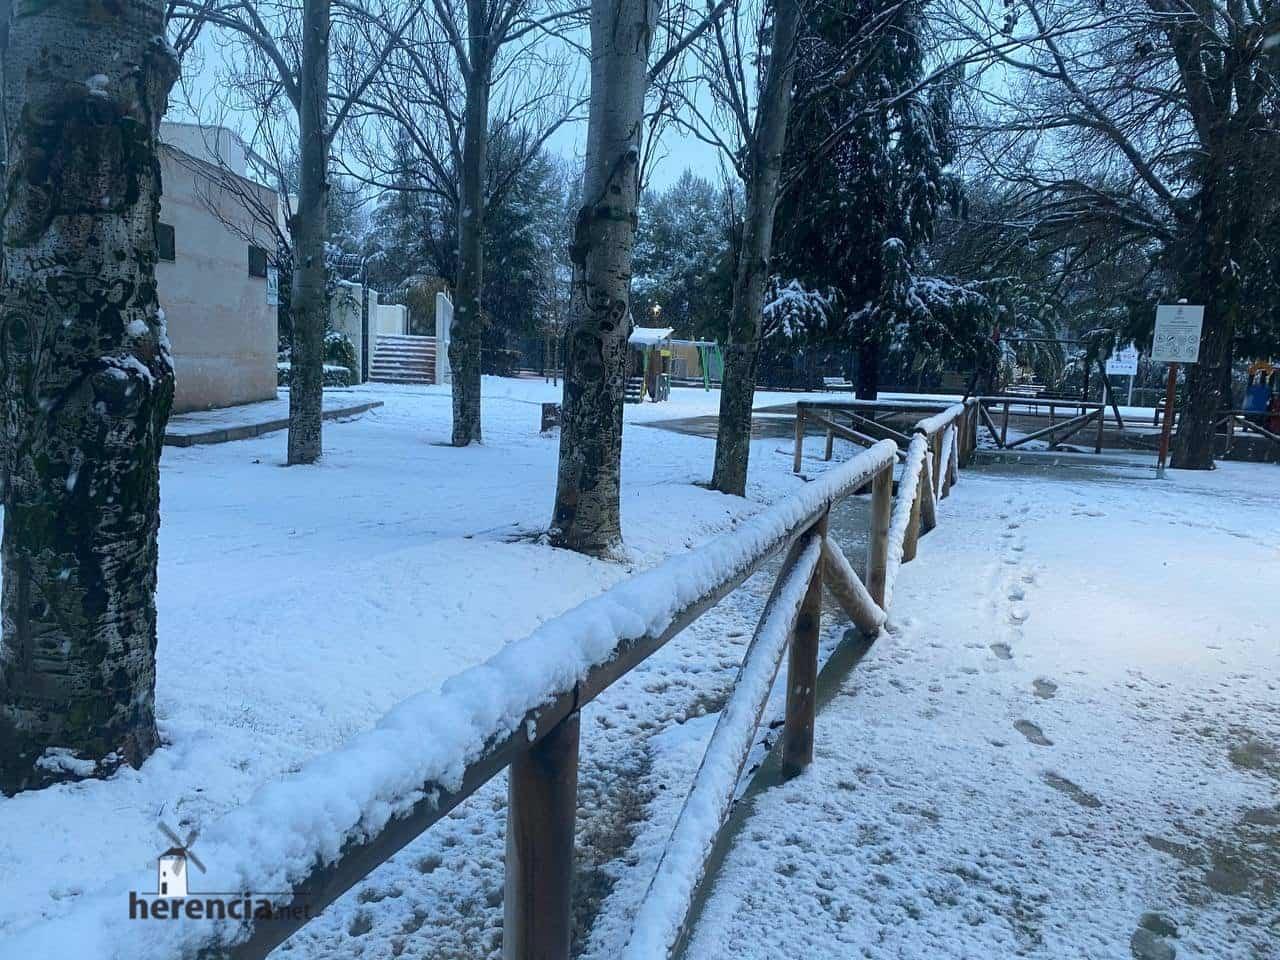 Más fotografías de las nieves de 2021 en Herencia 130